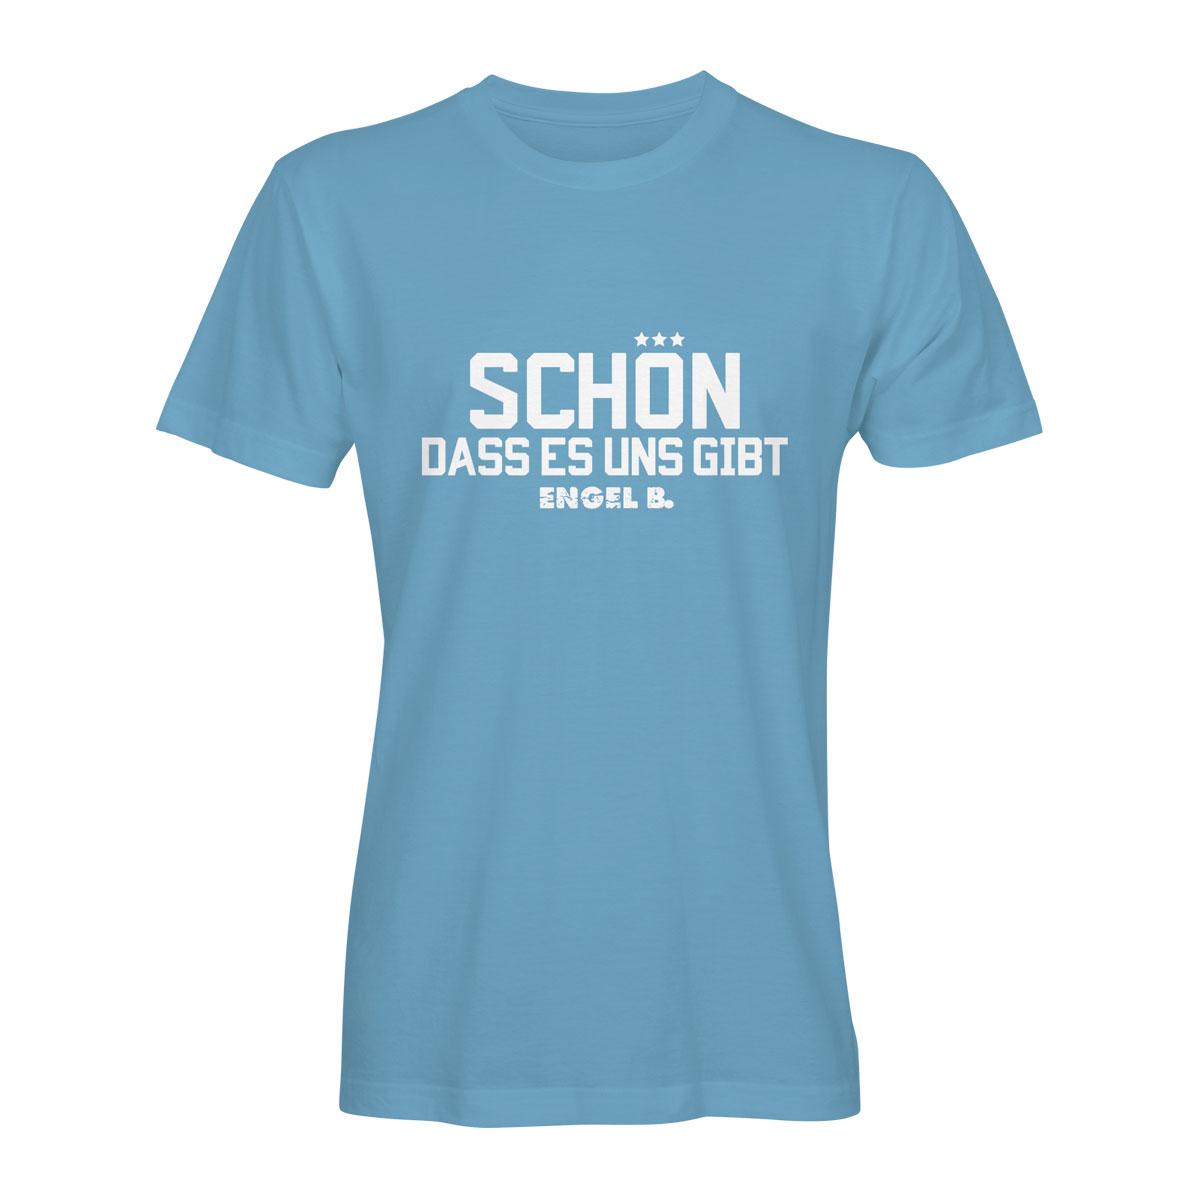 T-Shirt Engel B Schön dass es uns gibt hellblau